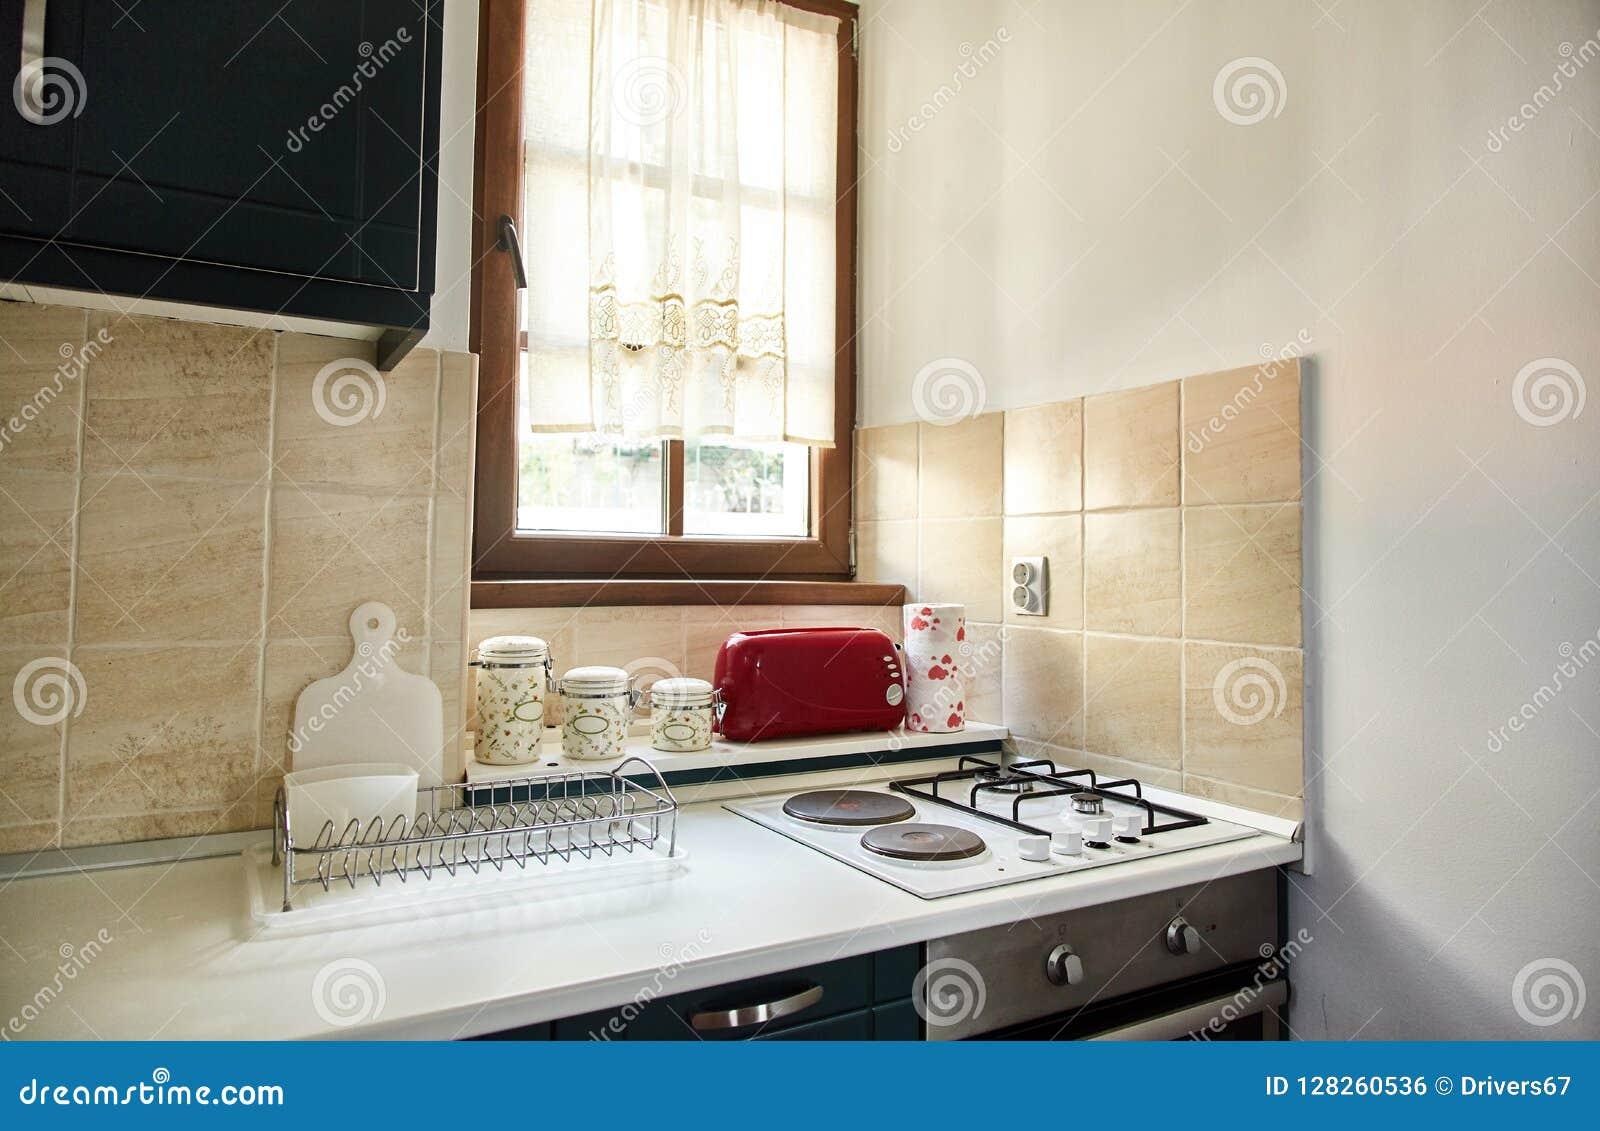 Die Küche In Der Wohnung Gasherd, Toaster, Würzgläser ...